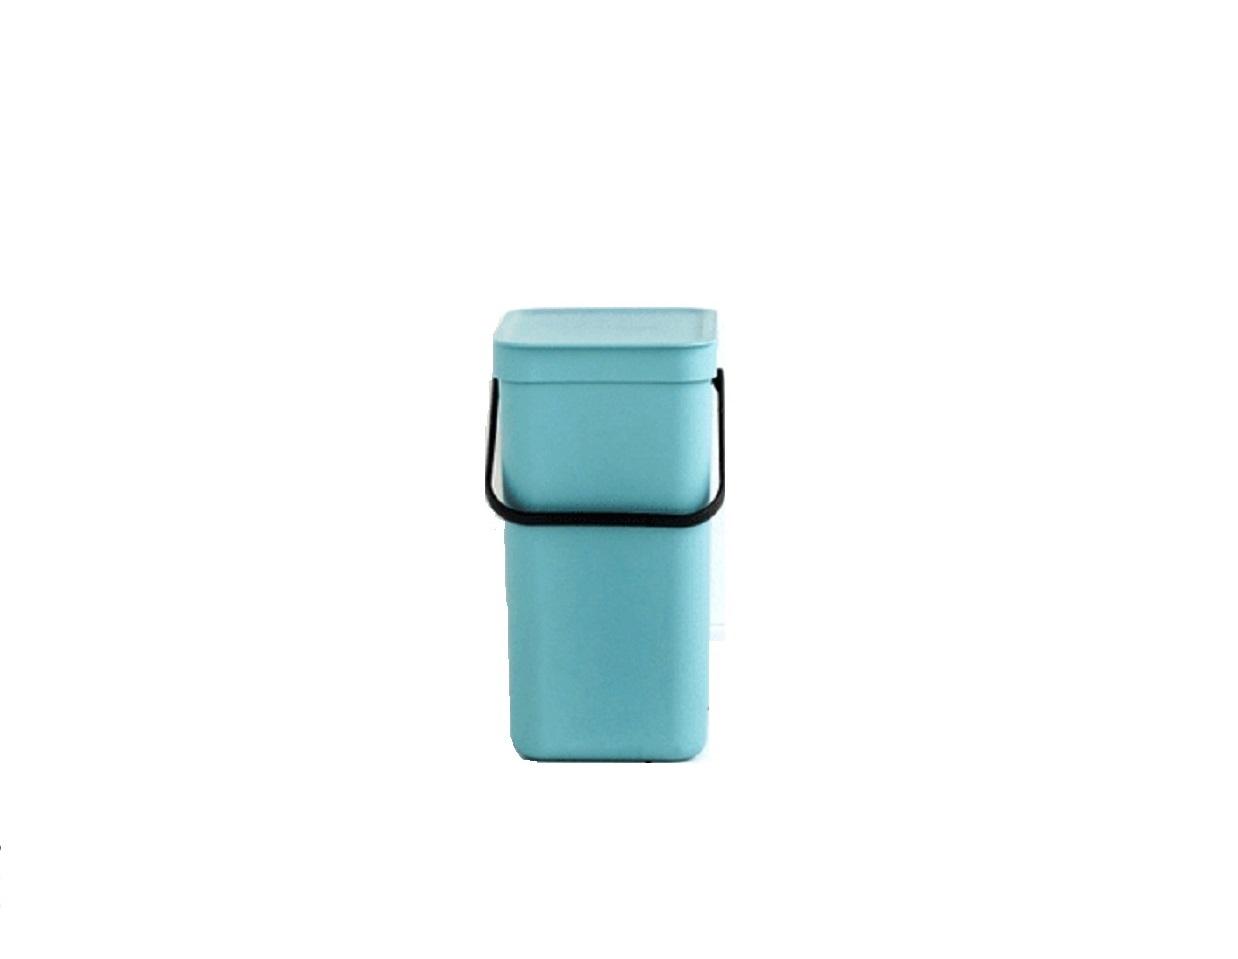 Онлайн каталог PROMENU: Ведро для мусора Sort&Go Brabantia, объем 12 л, мятный Brabantia 109744